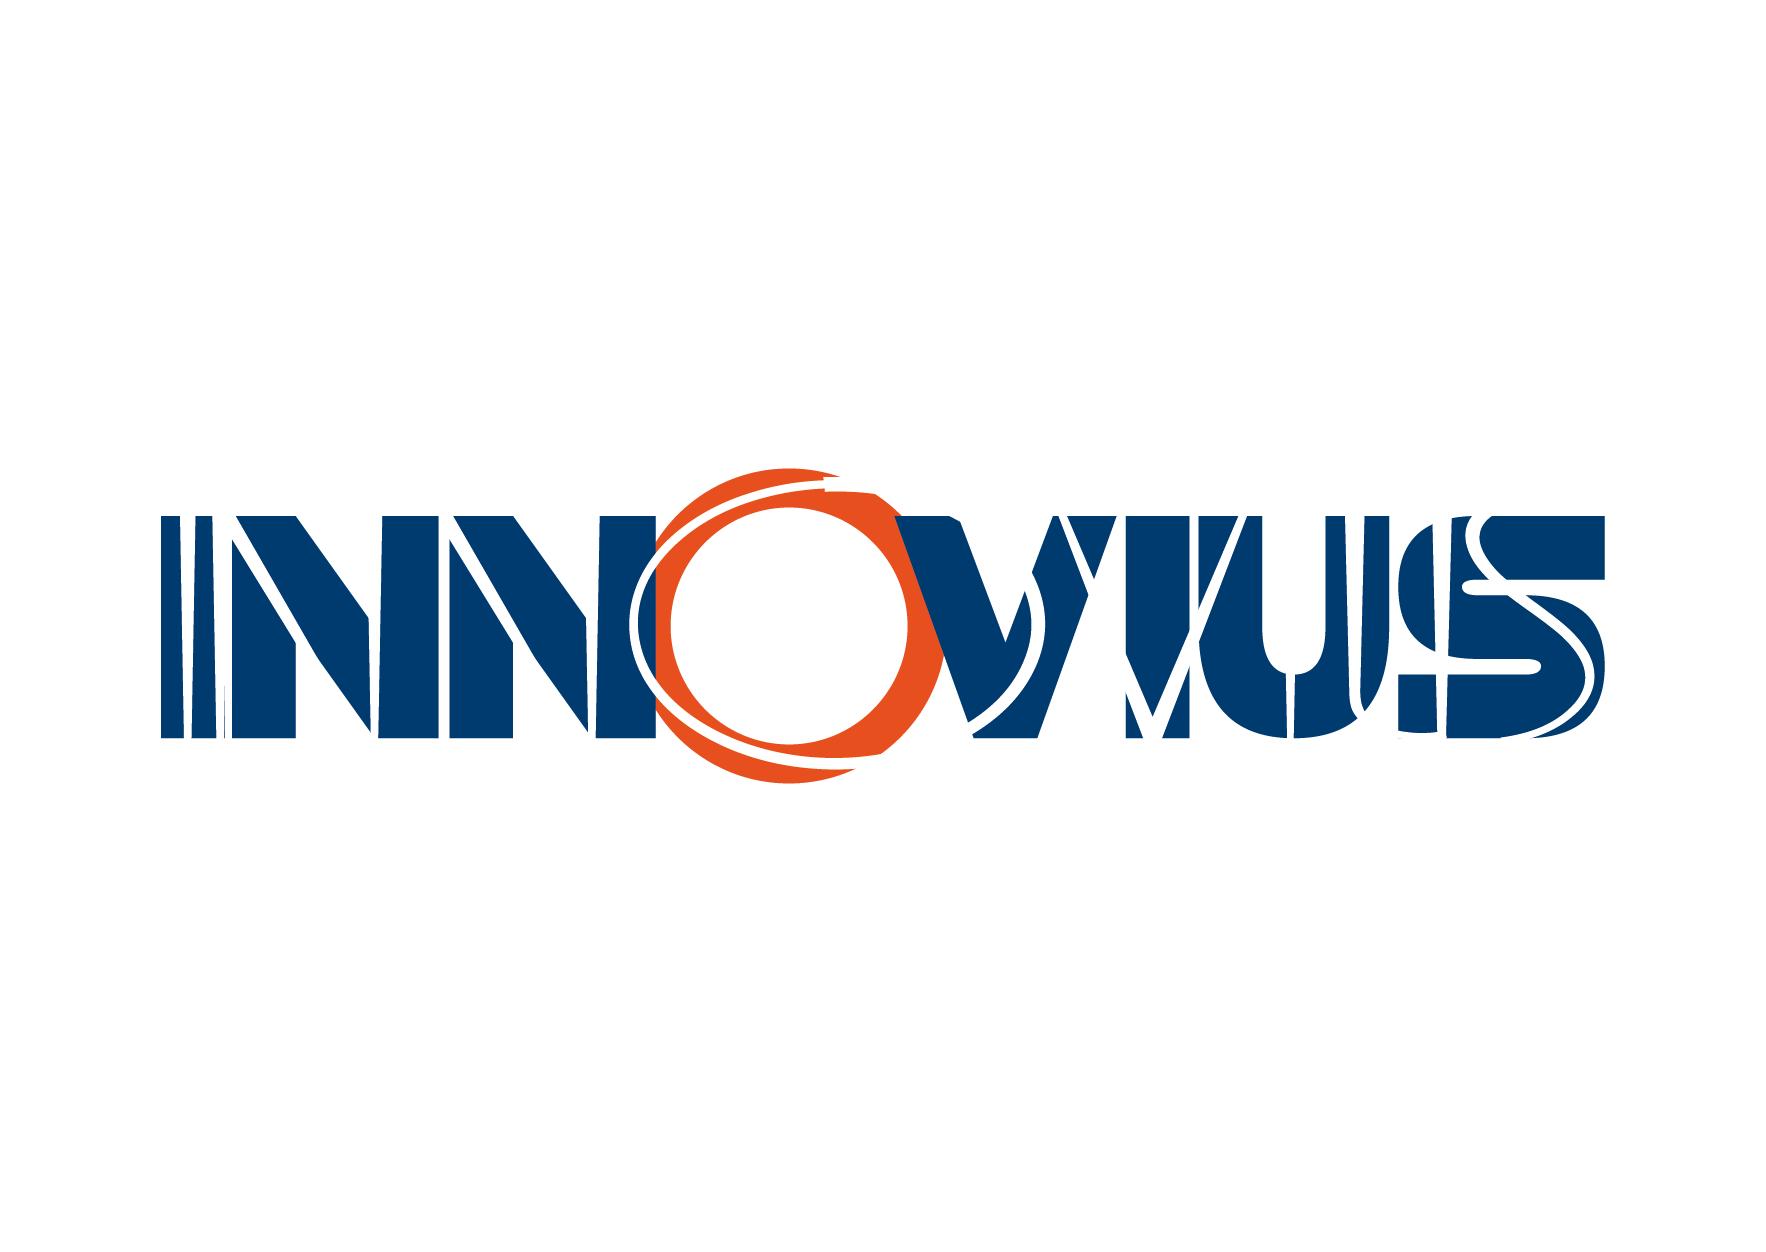 Innovius-01